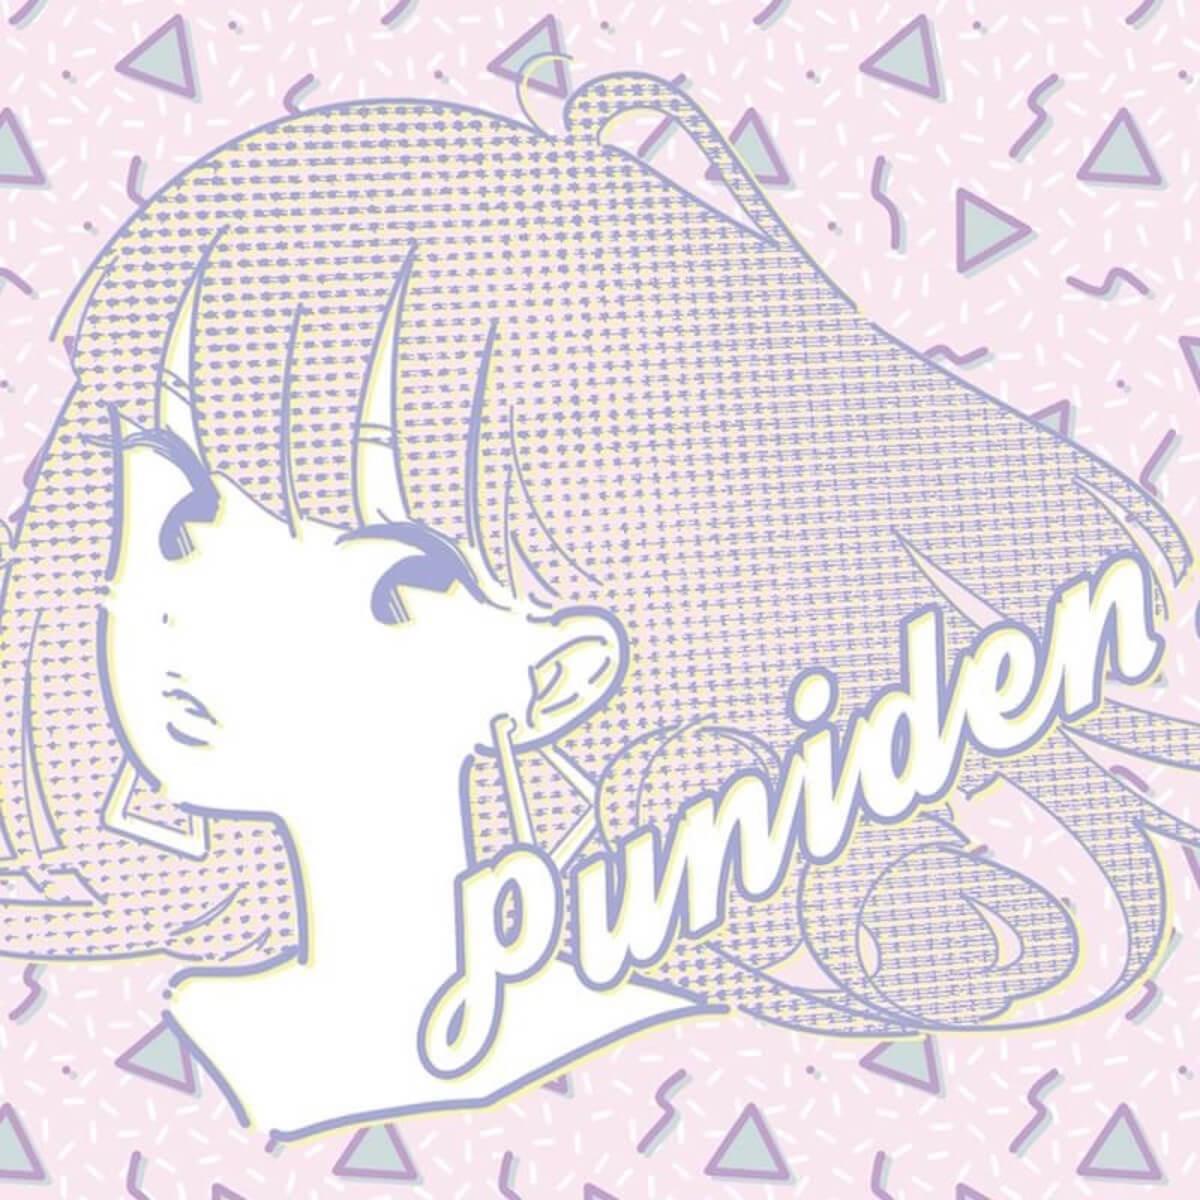 ぷにぷに電機、新曲「君はQueen」本日リリース|プロデューサーにMikeneko Homeless、ギターアレンジにShin Sakiura参加 music190605punipunidenki_1